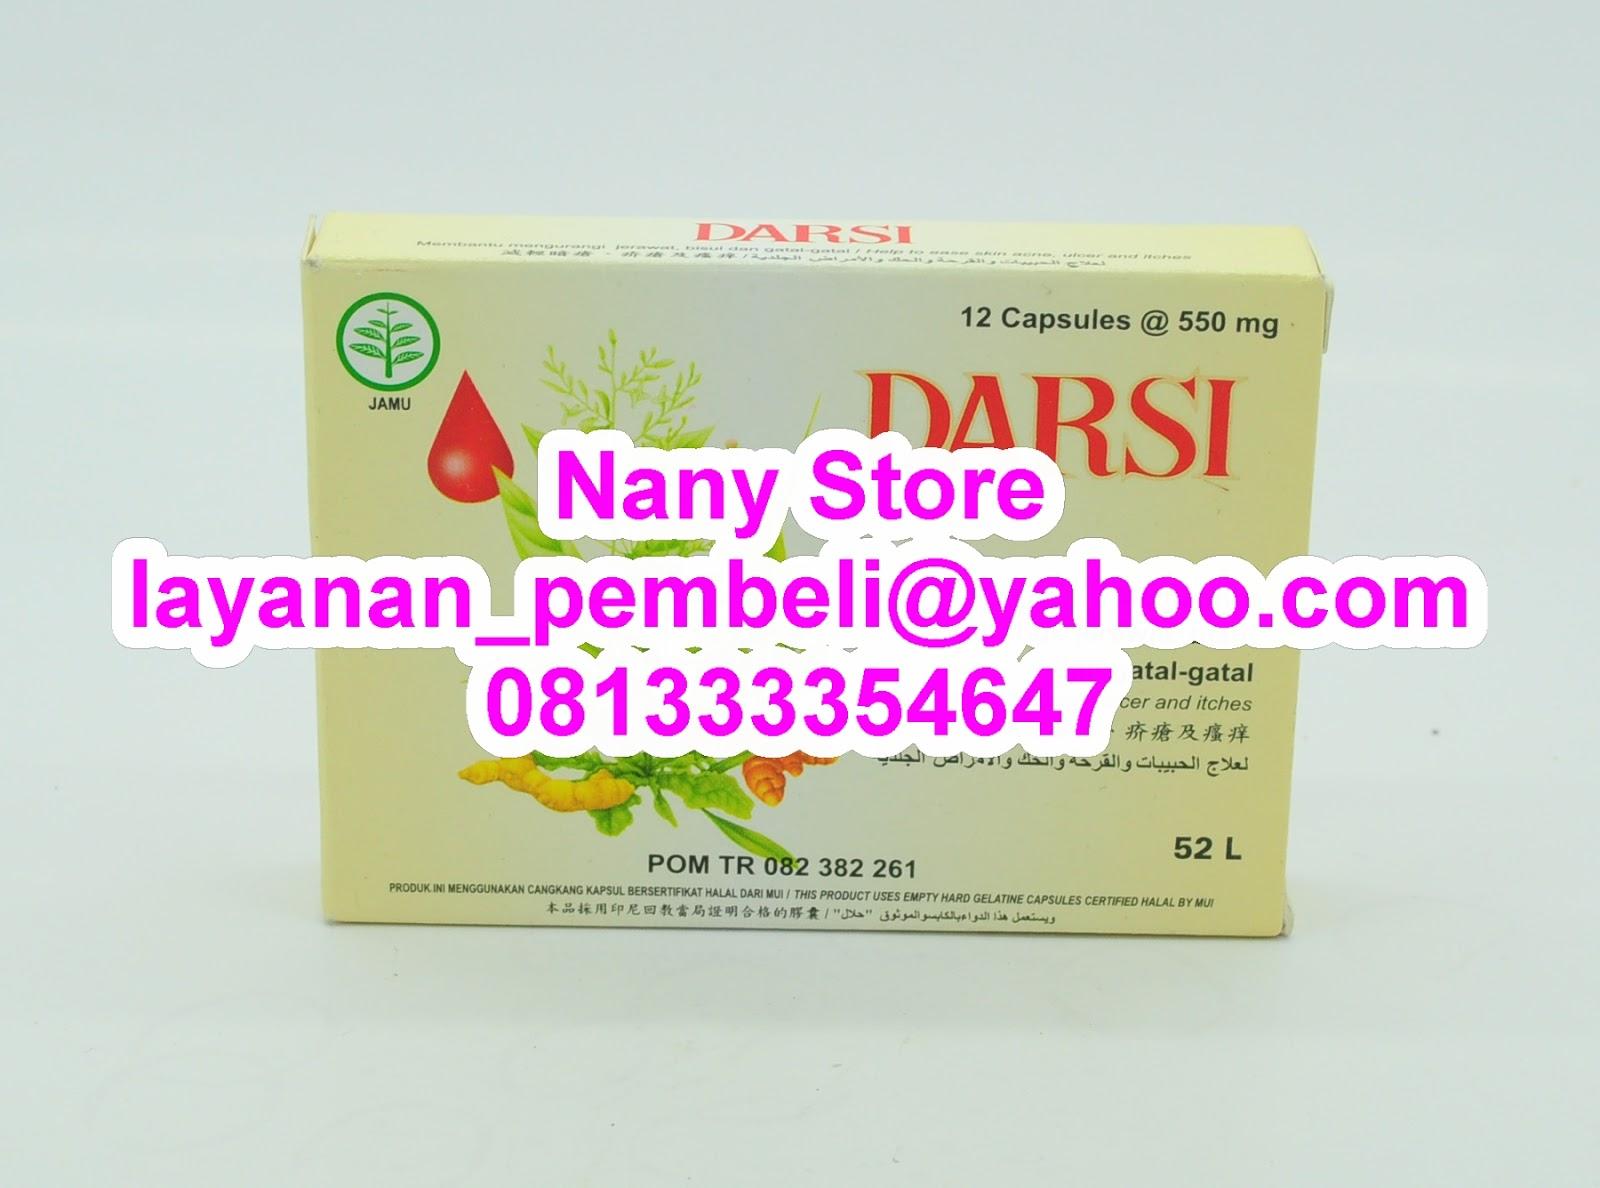 Nany Store: DARSI KAPSUL, Mengobati Dan Membersihkan Darah ...